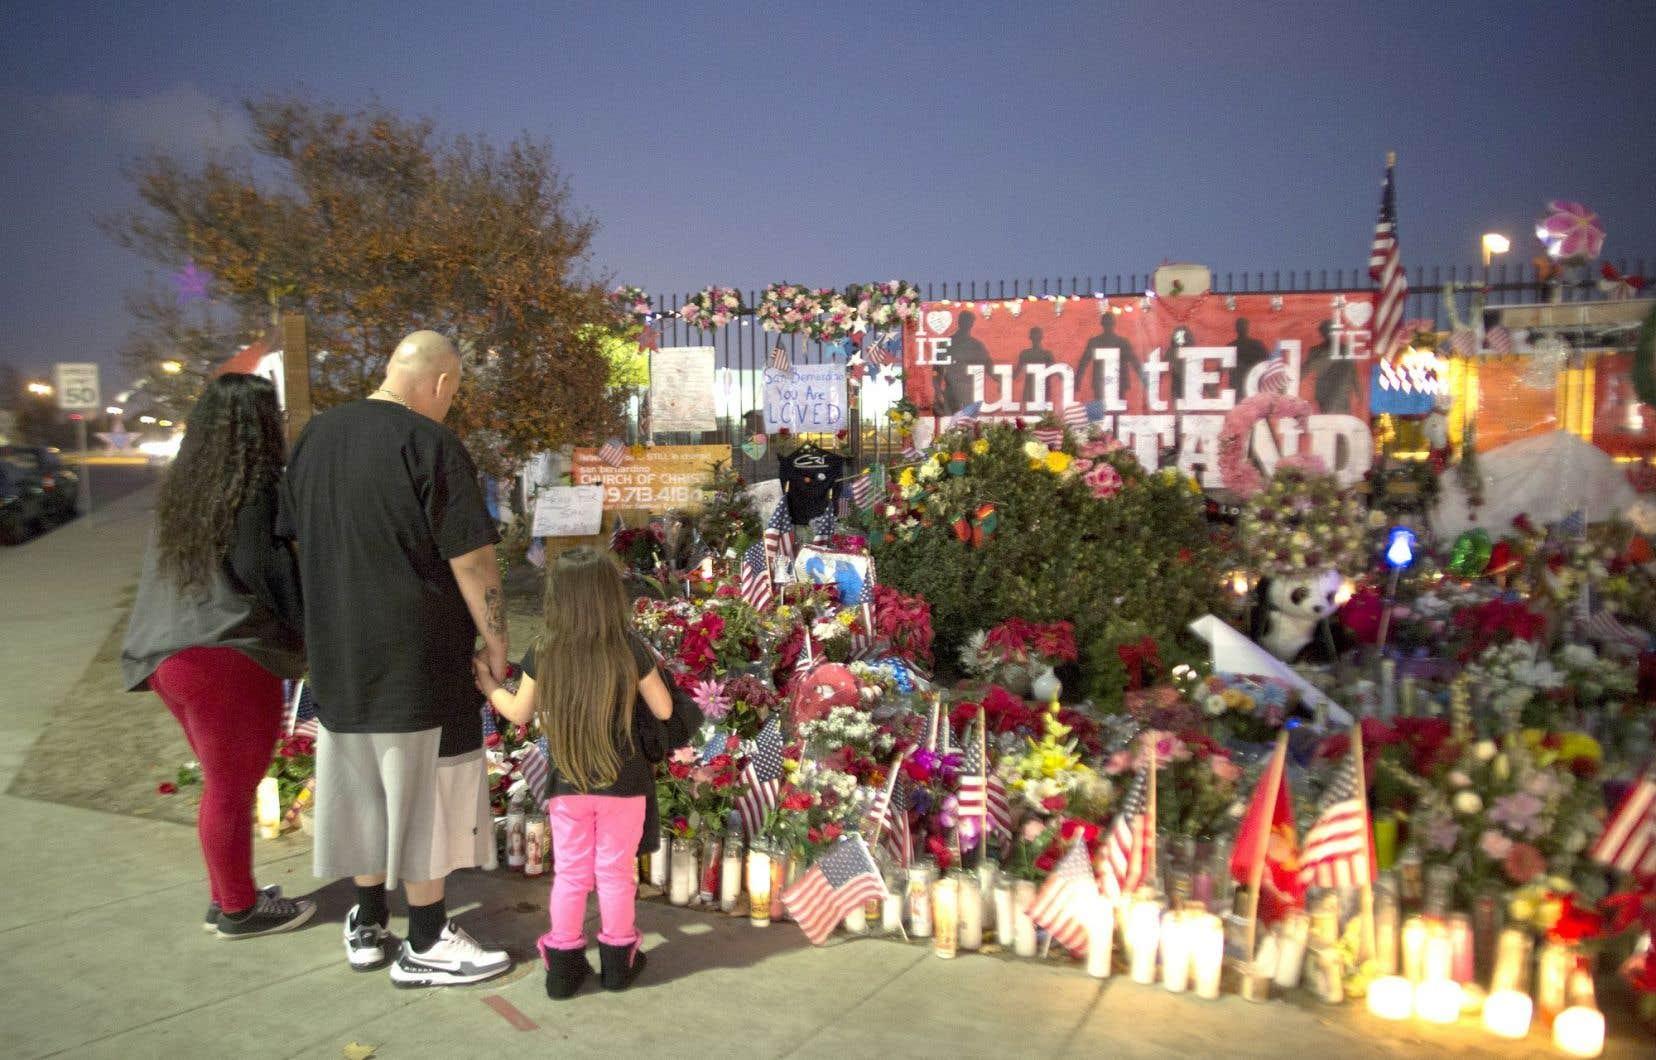 L'attaque du centre social de San Bernardino, en Californie, a été la tuerie en sol américain ayant fait le plus de morts en 2015.